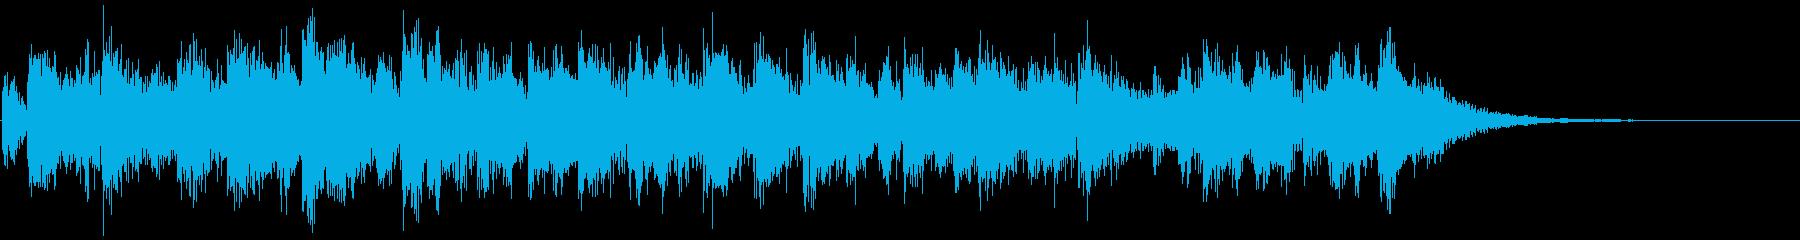 ニュースや情報番組のオープニング12秒の再生済みの波形